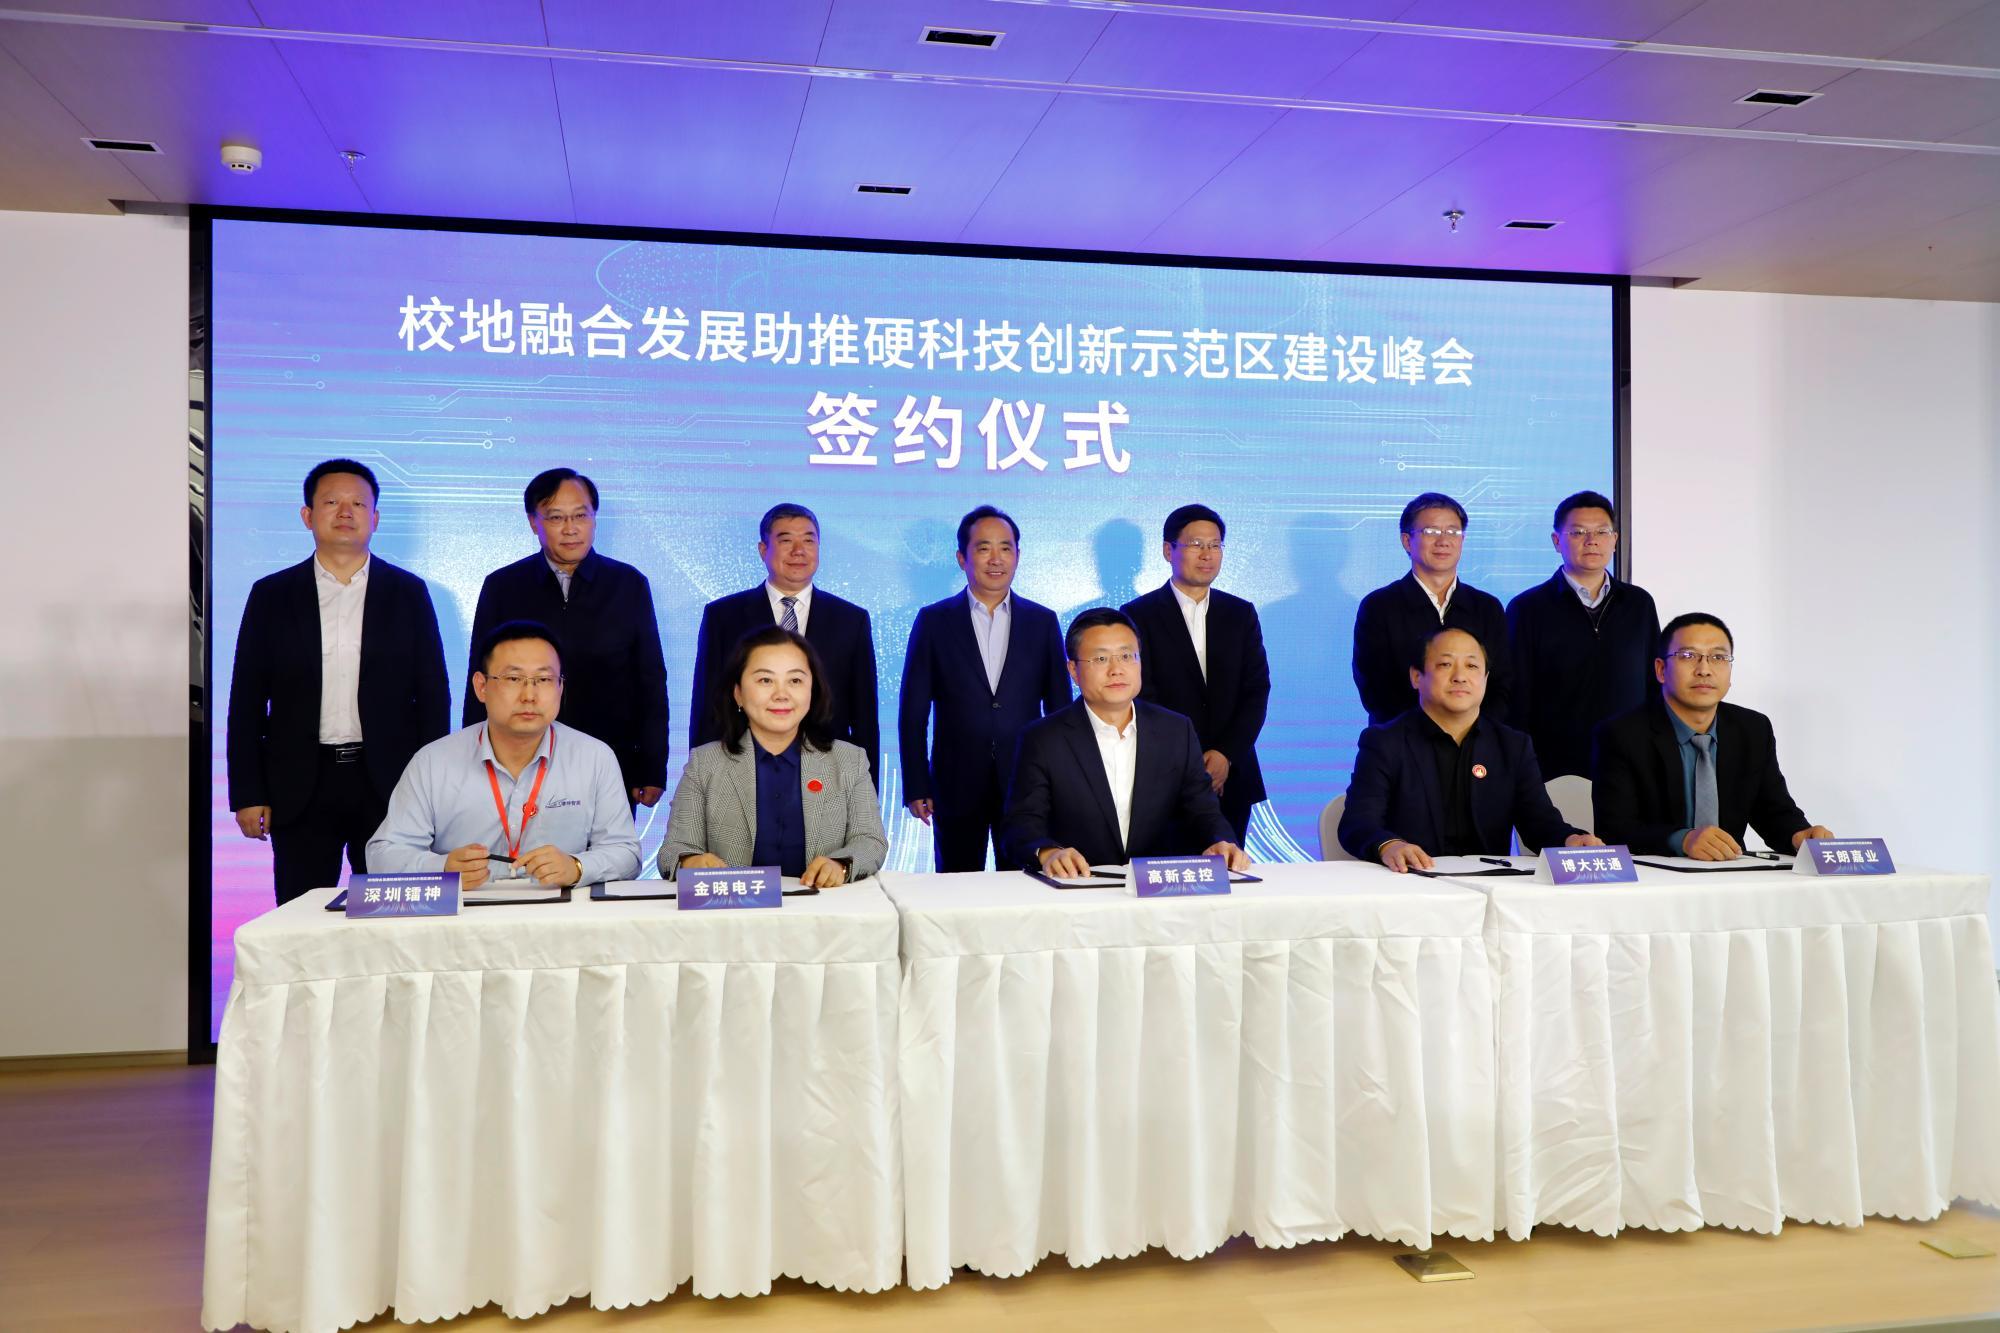 西安电子科技大学与西安高新区校地融合发展峰会召开